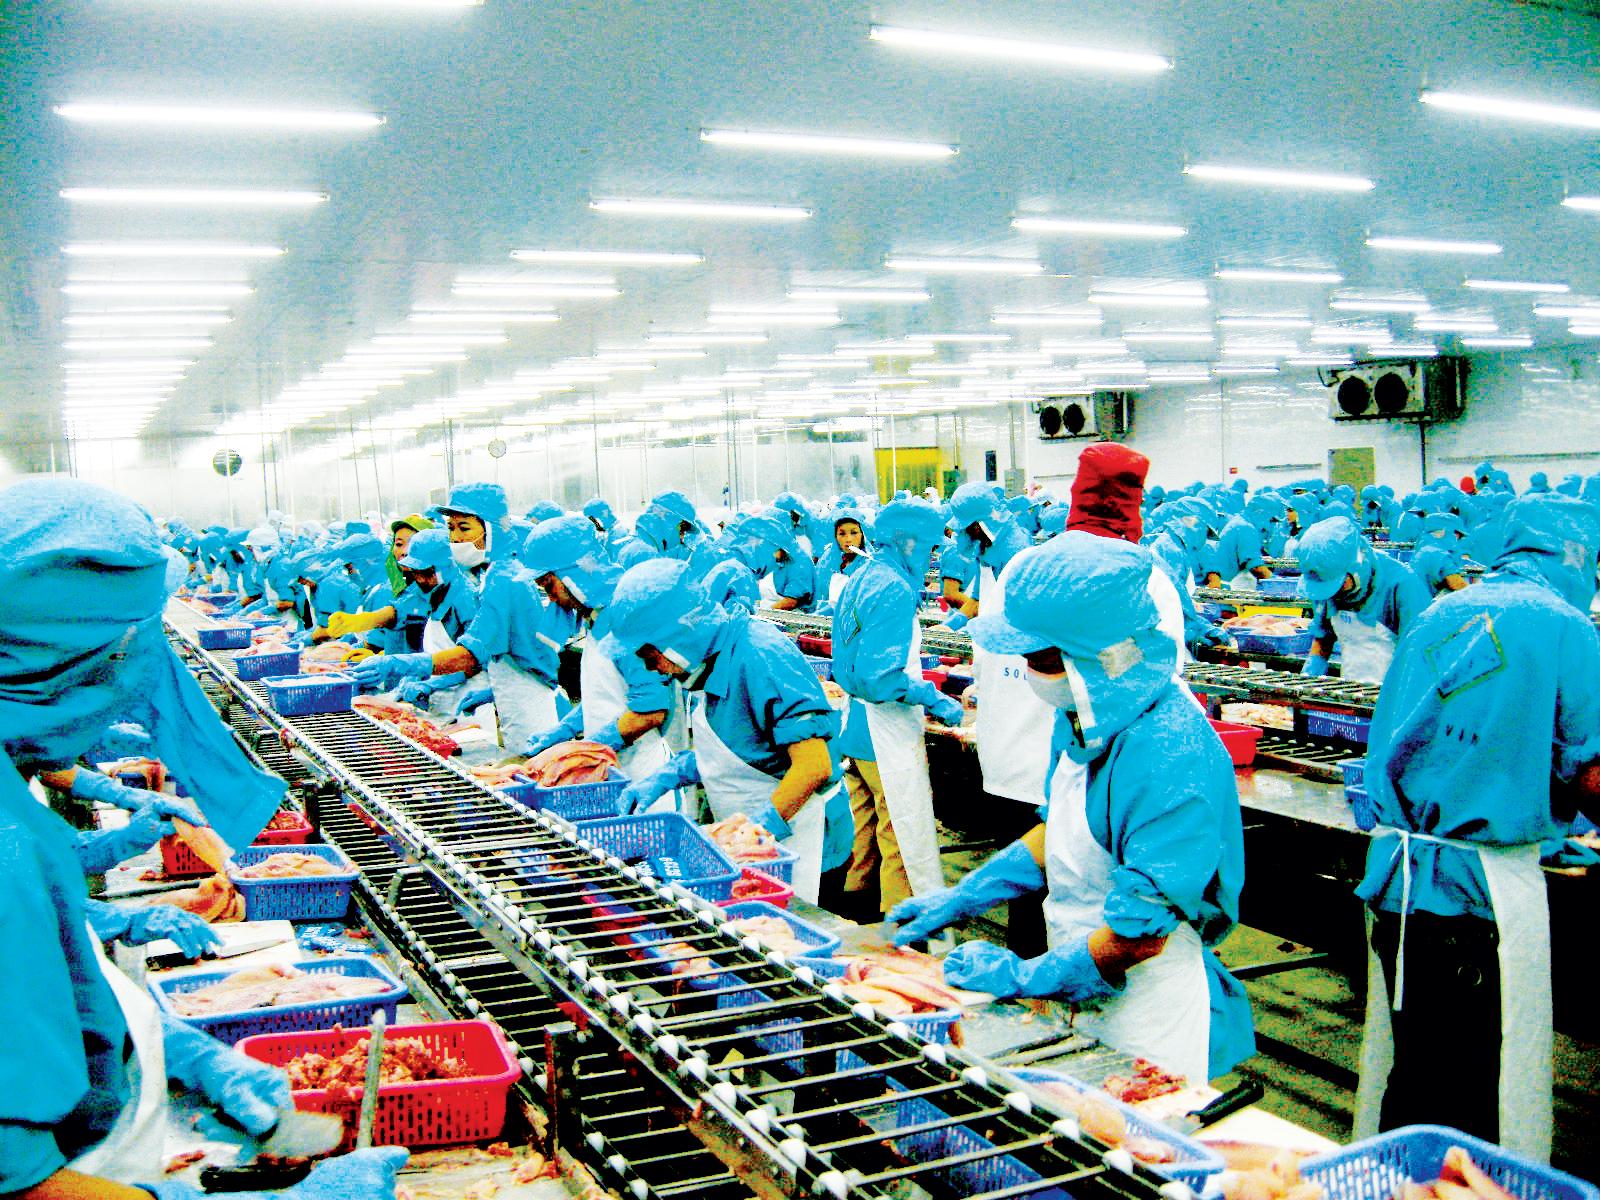 4 tháng qua, chỉ số sản xuất công nghiệp của thành phố tăng khá và sản lượng hầu hết các sản phẩm công nghiệp đều tăng. Ảnh: T. TRINH